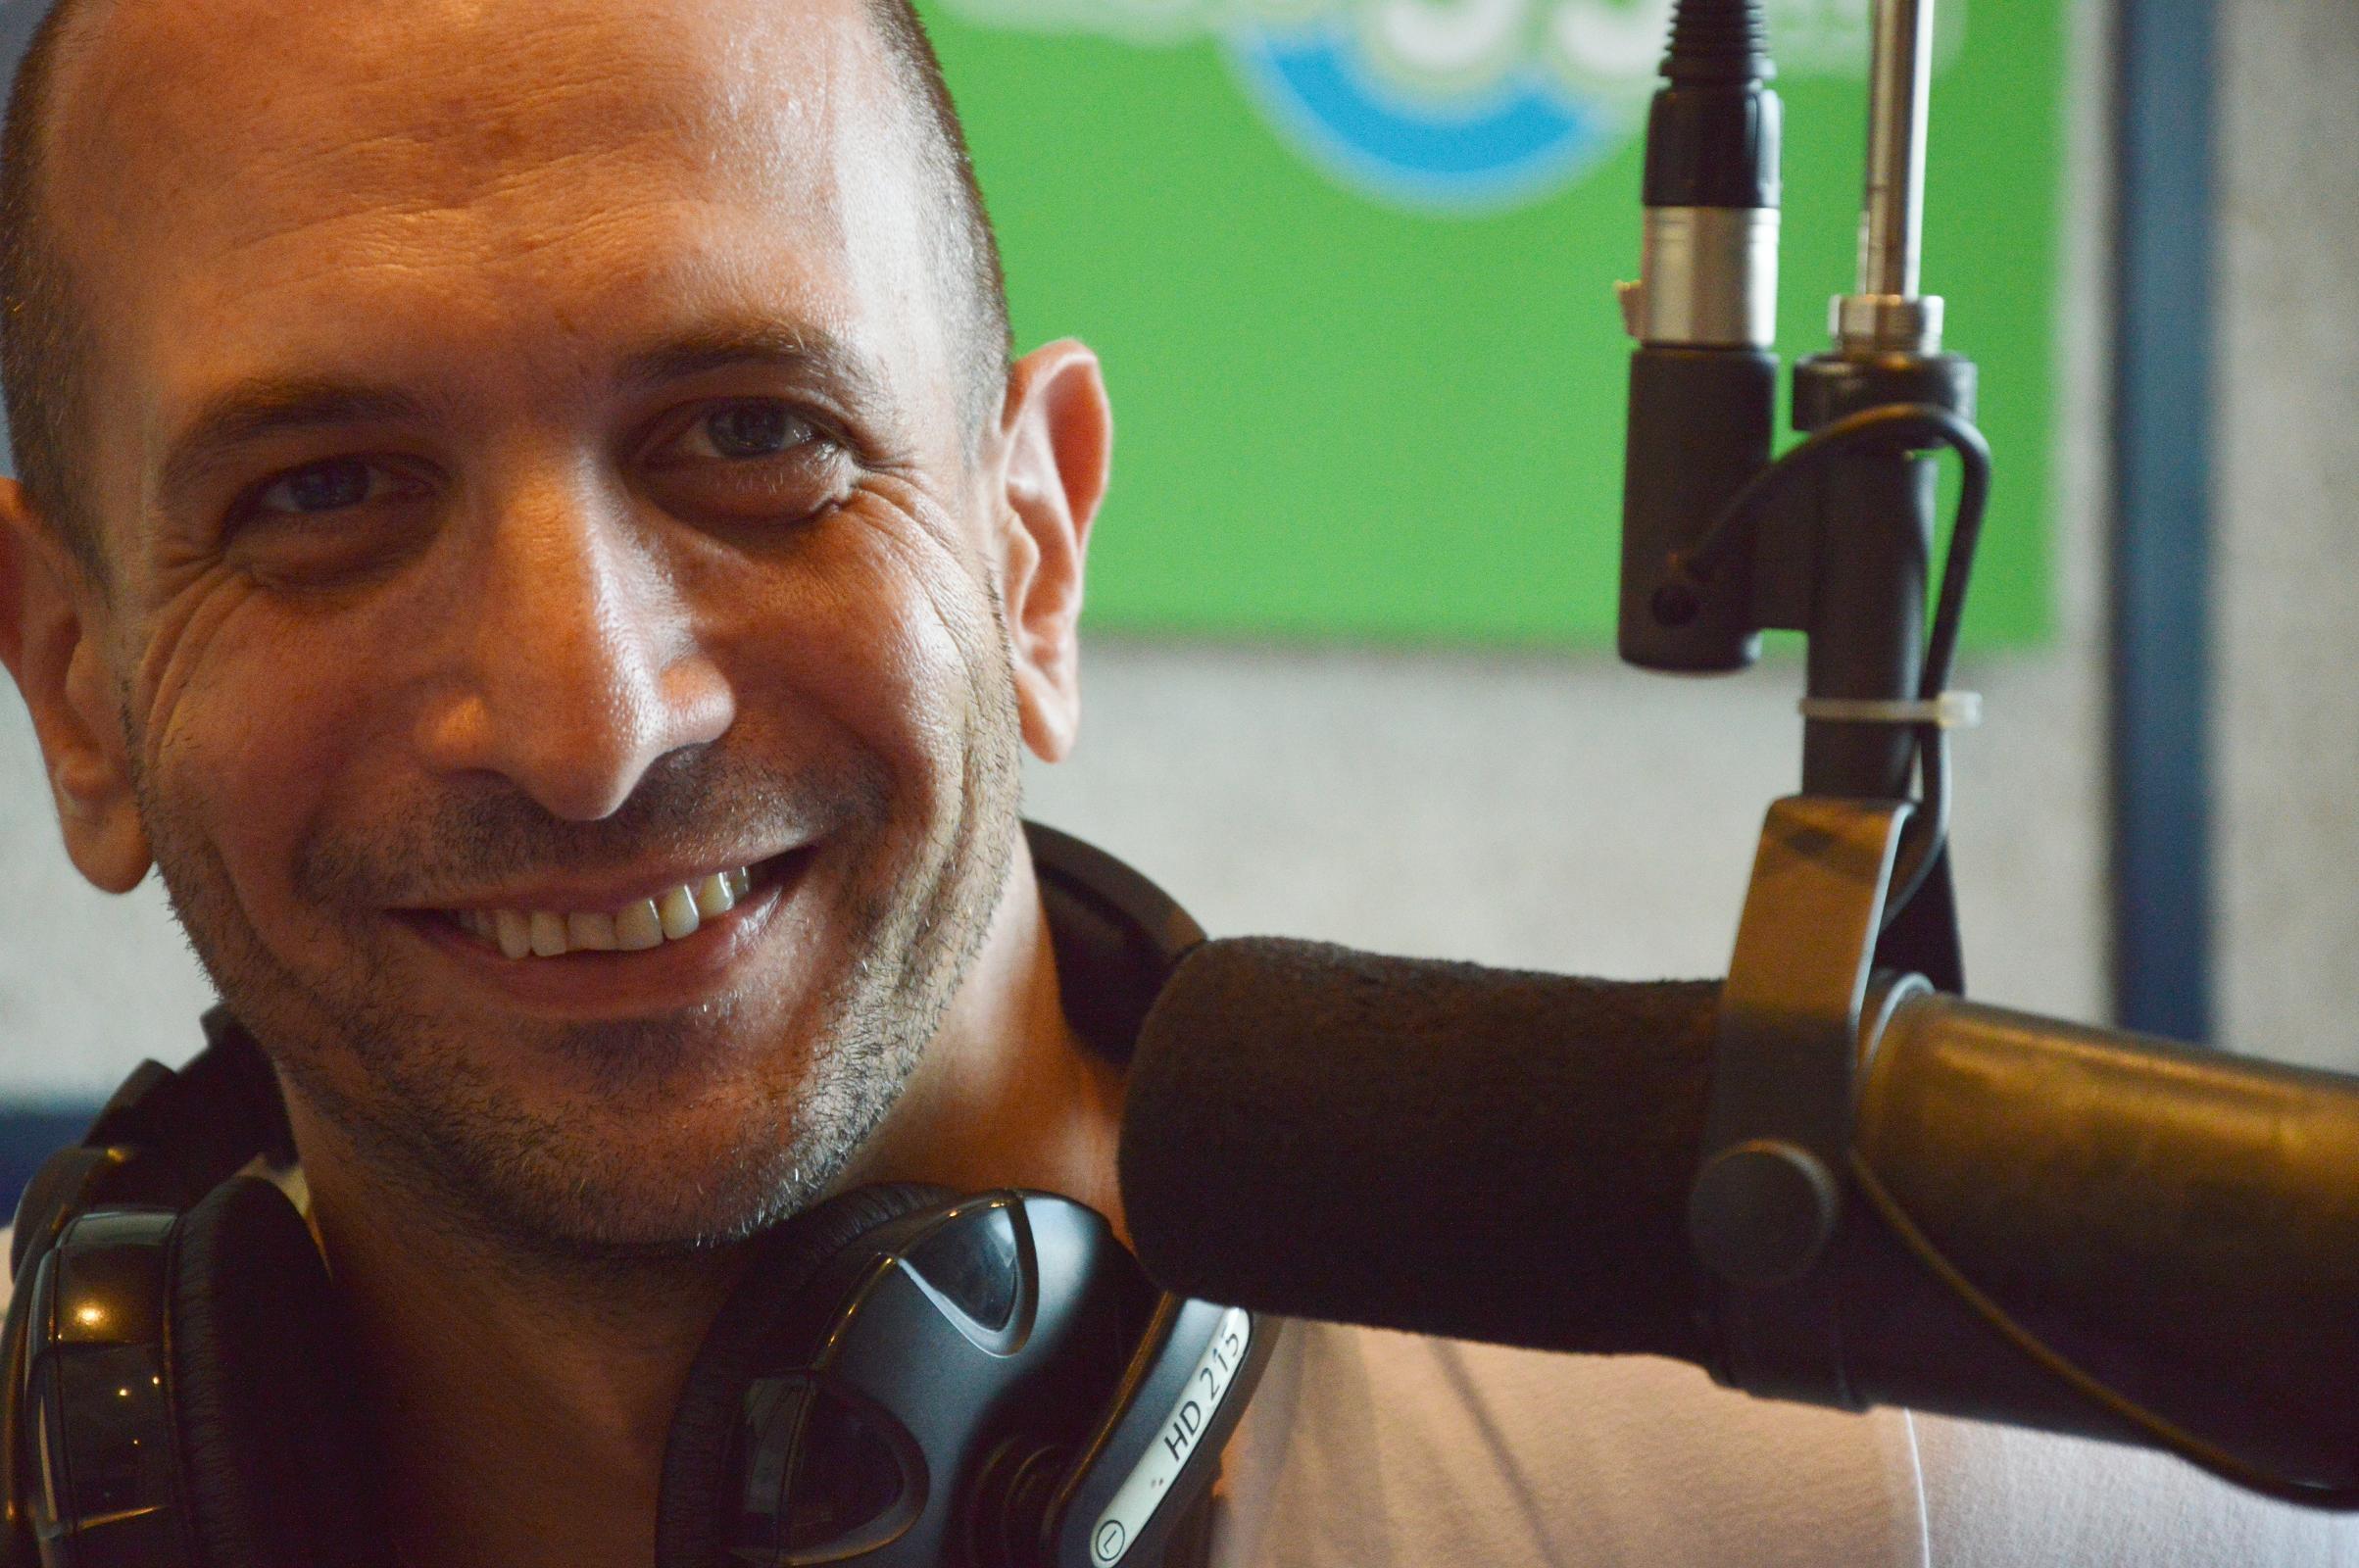 """שרון שפירא 99FM -""""שיר מצוין שנטחן ברדיו או אחד שנותר תחת צילו של להיט אחר"""""""